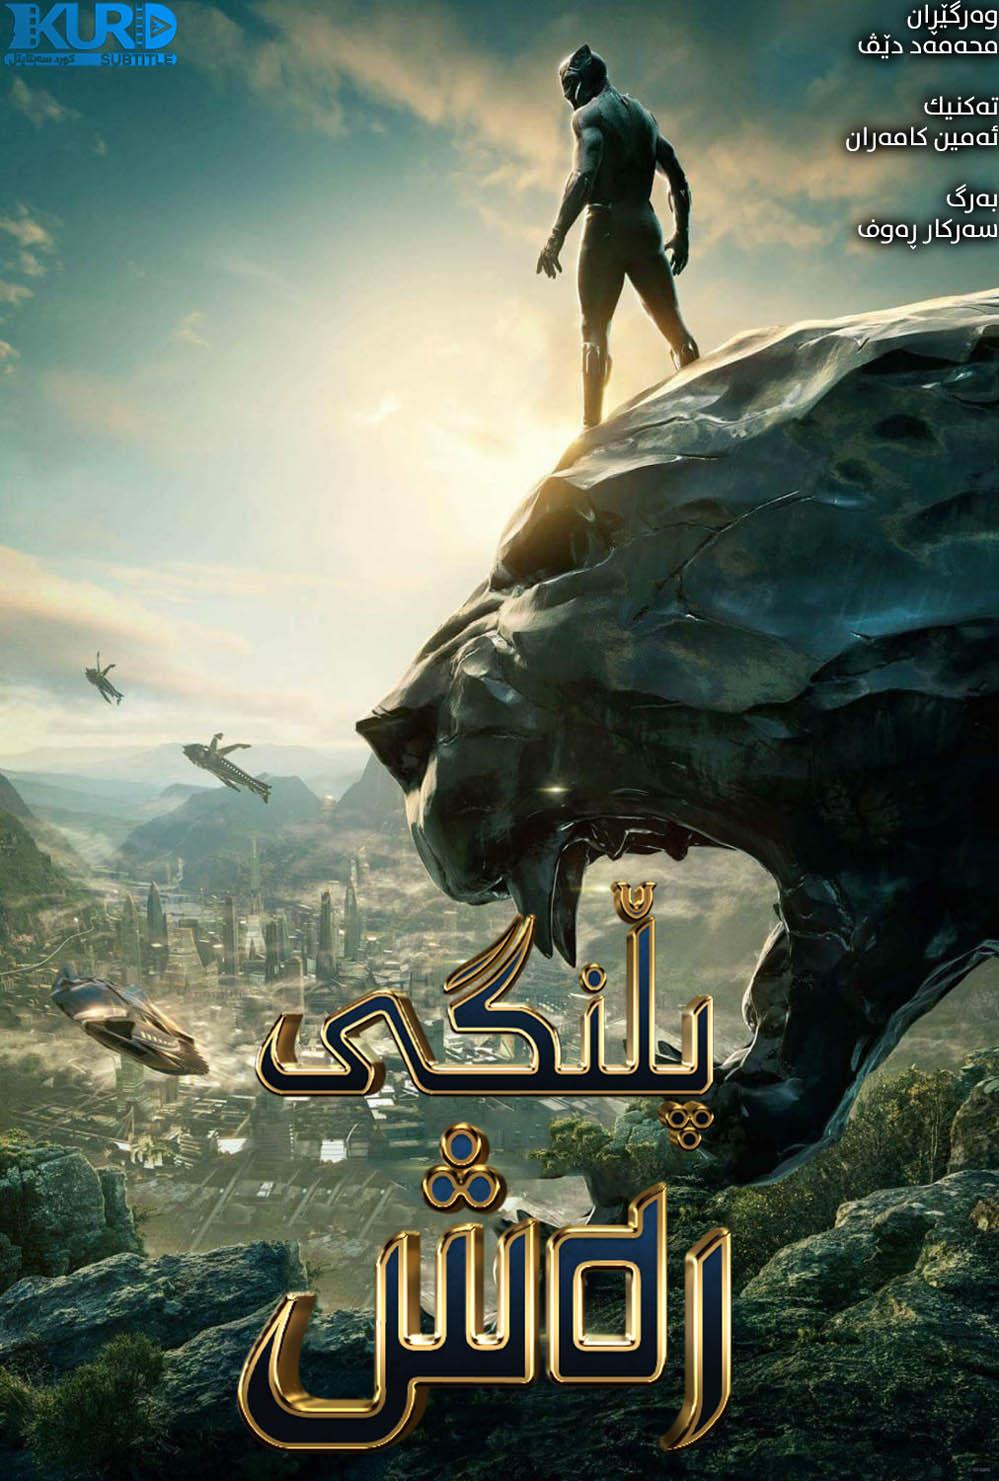 Black Panther kurdish poster